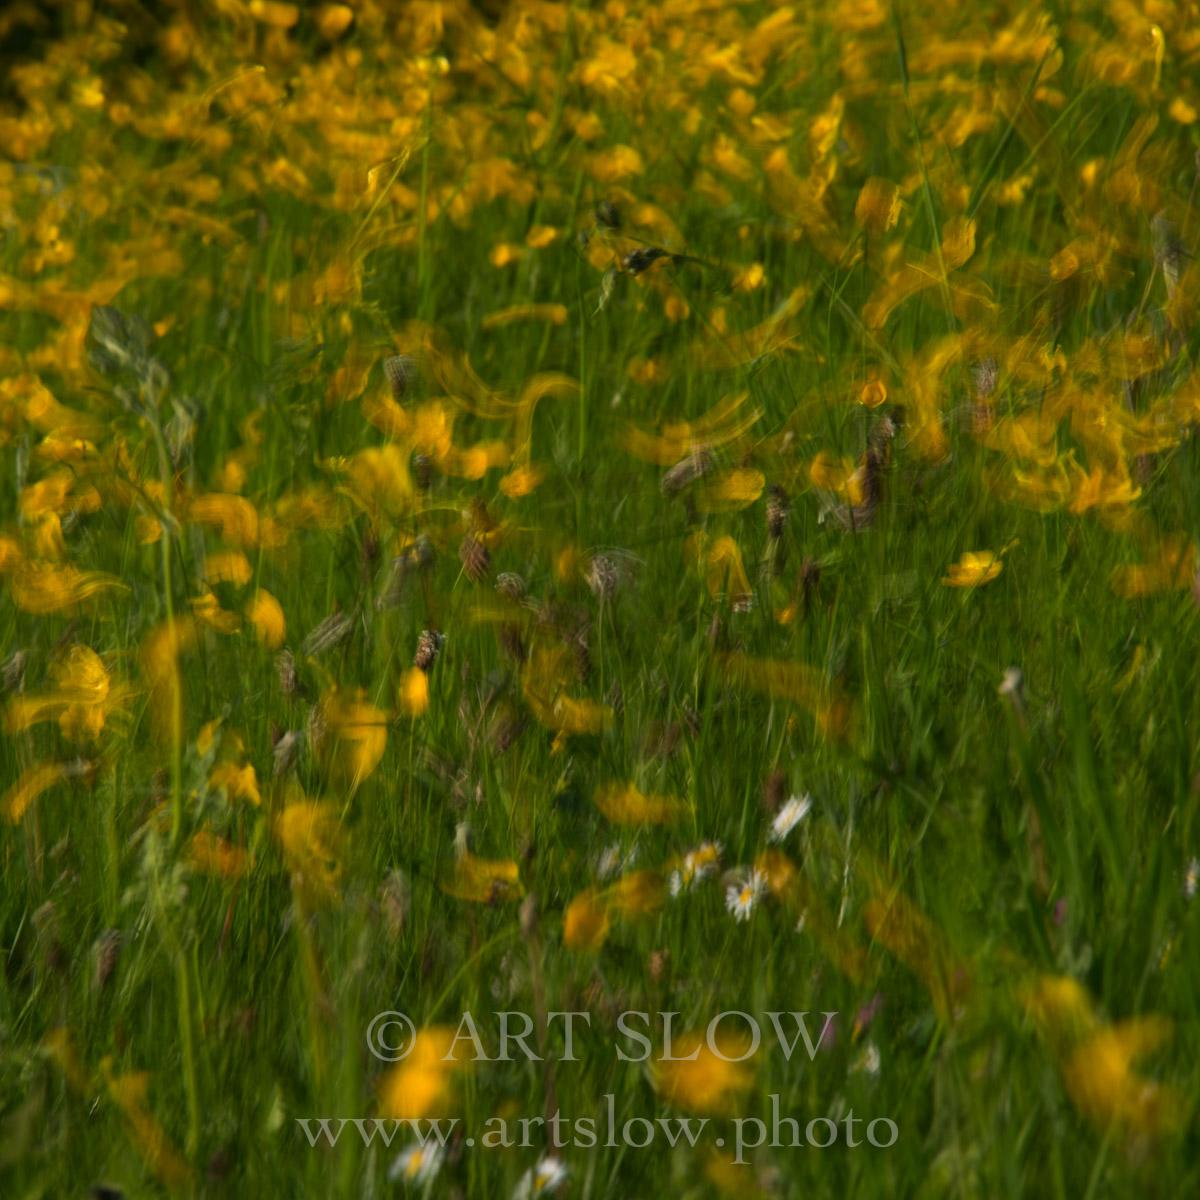 Fluir ventoso - Wageningen, Holanda. Edición: 10/10 + 2P/A - Flores y Plantas - Flores y Plantas